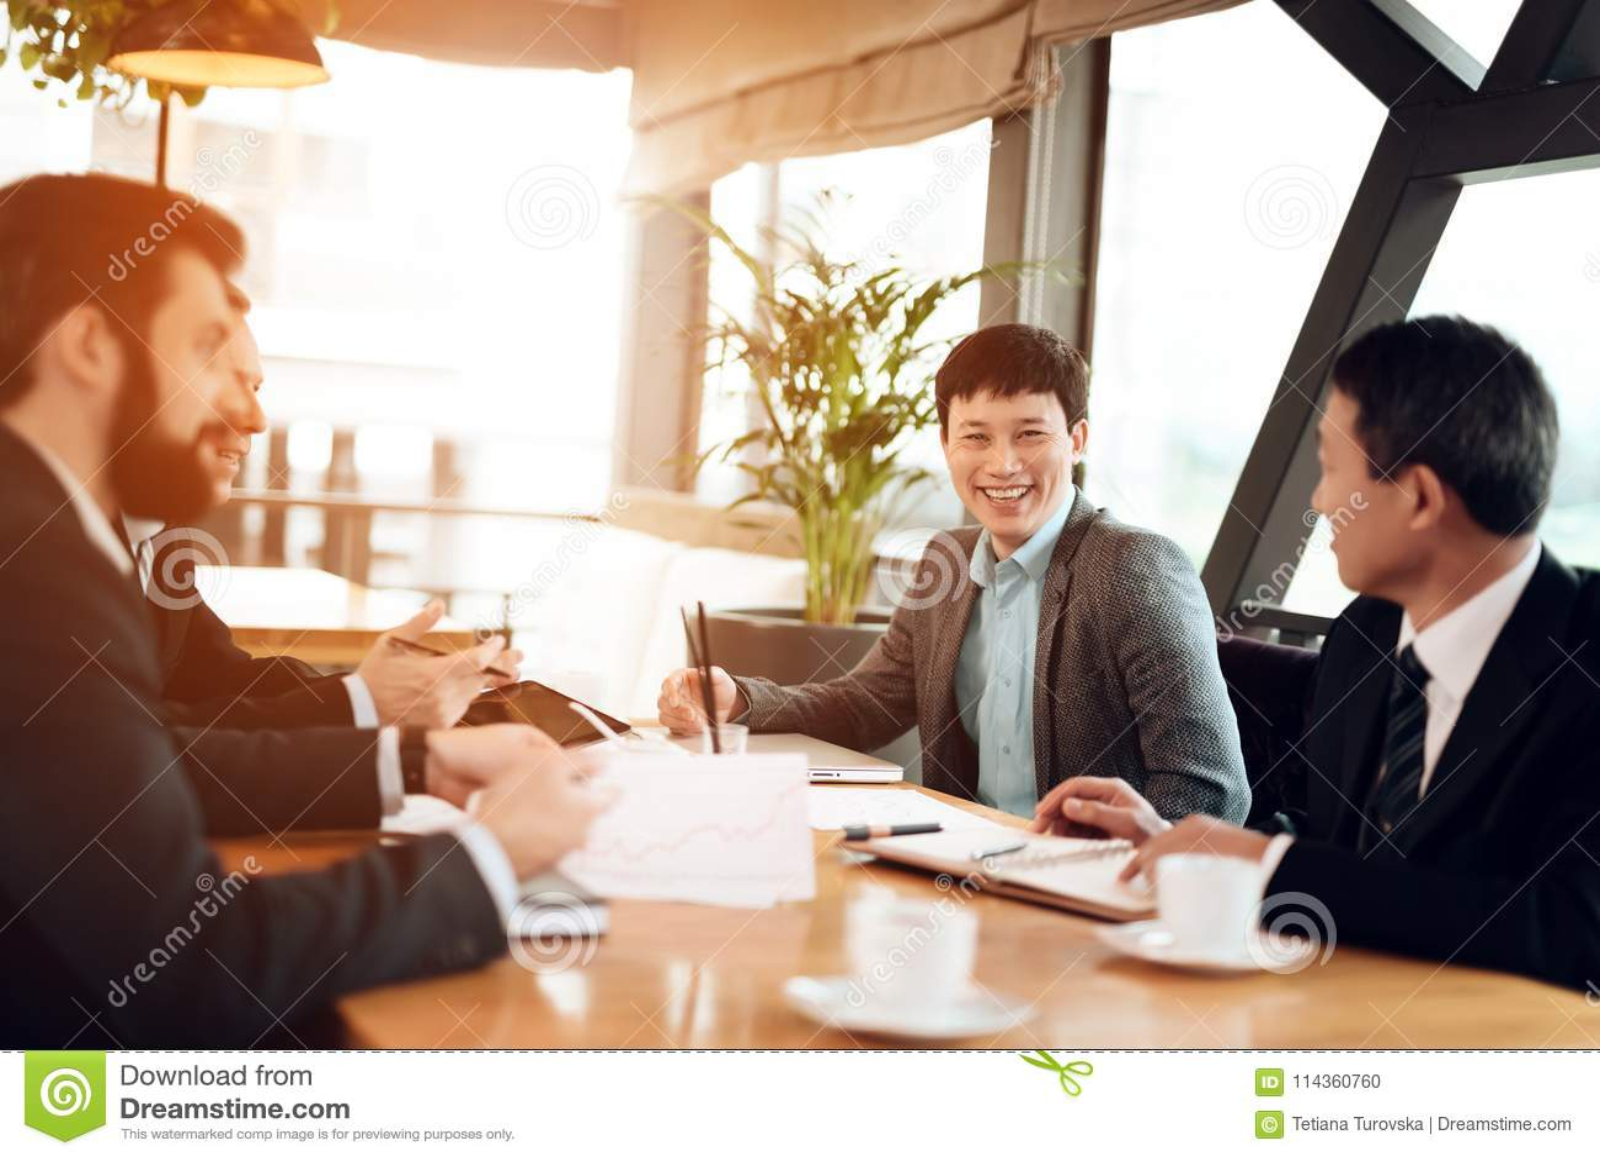 Vergadering met Chinese zakenlieden in restaurant Zij bespreken punt in documenten